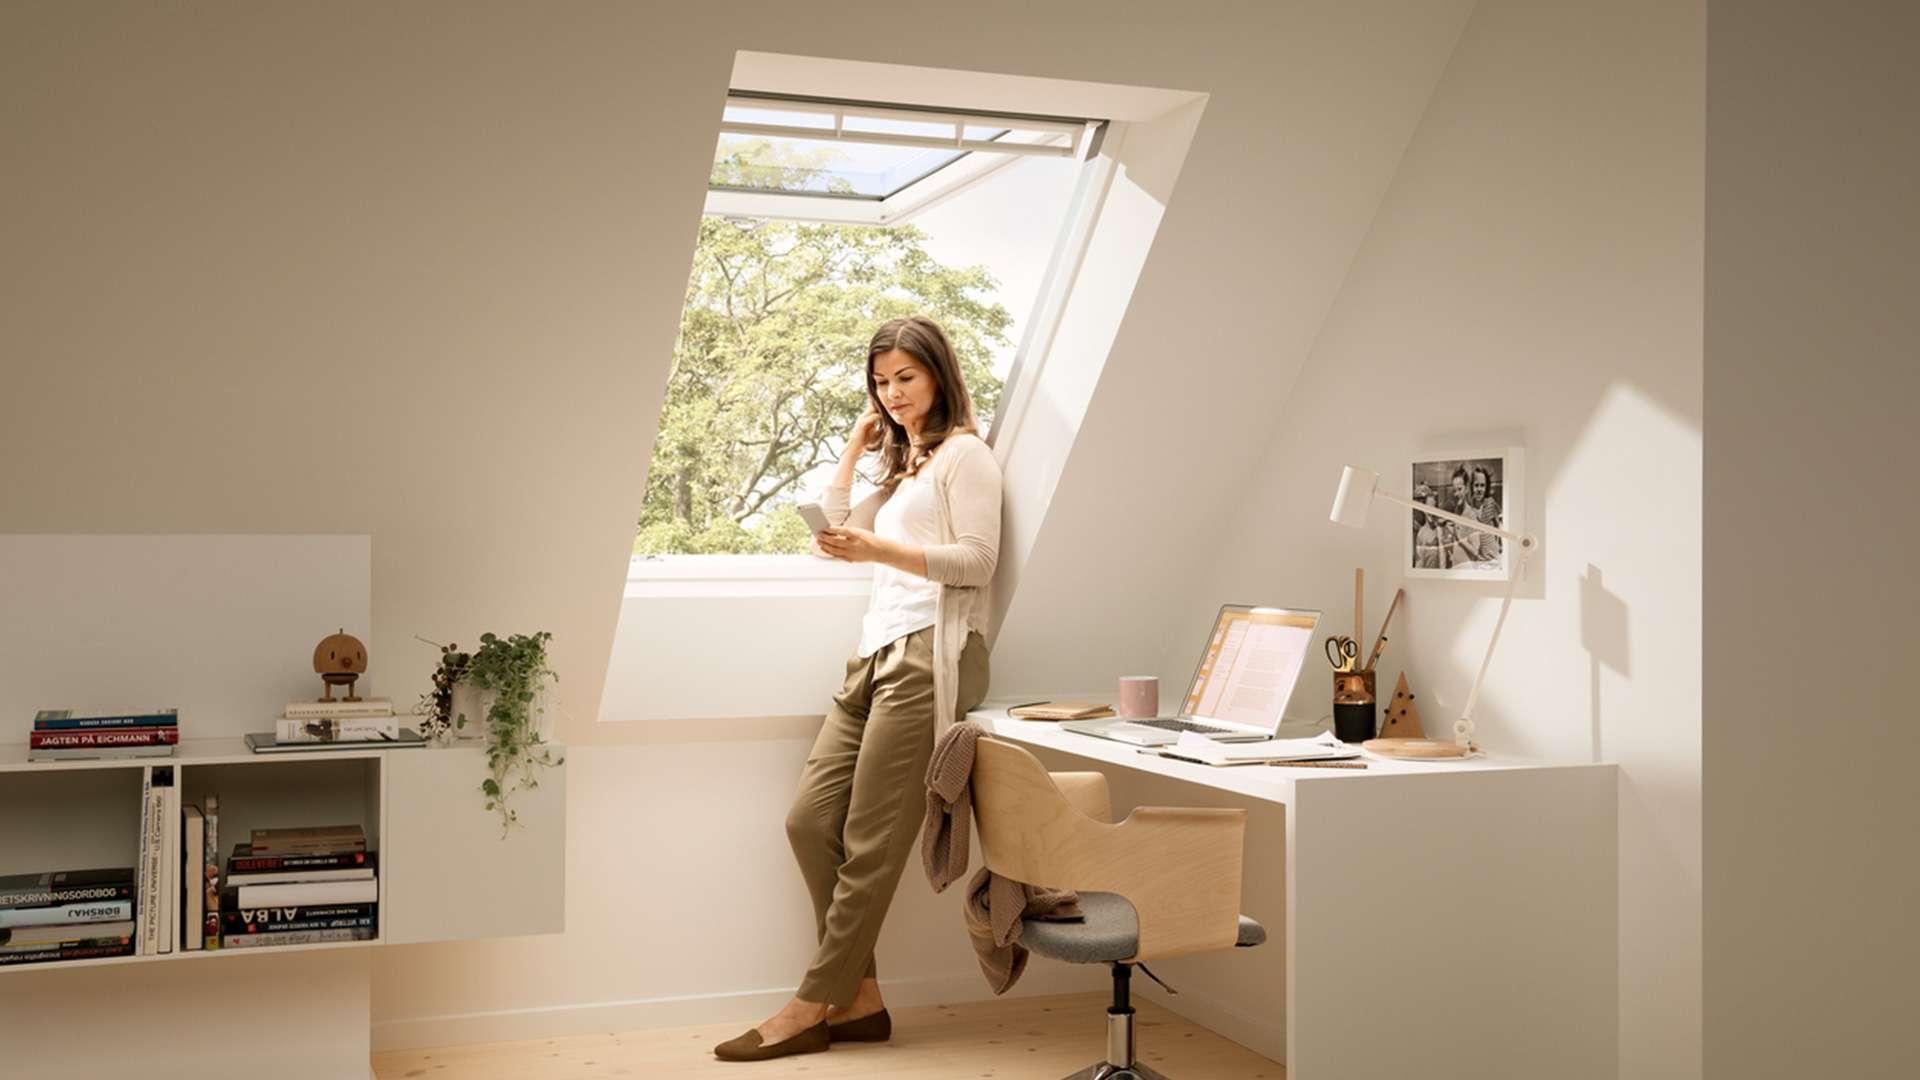 offenes Klapp-Schwing-Fenster in einer Dachschräge wo eine Frau steht